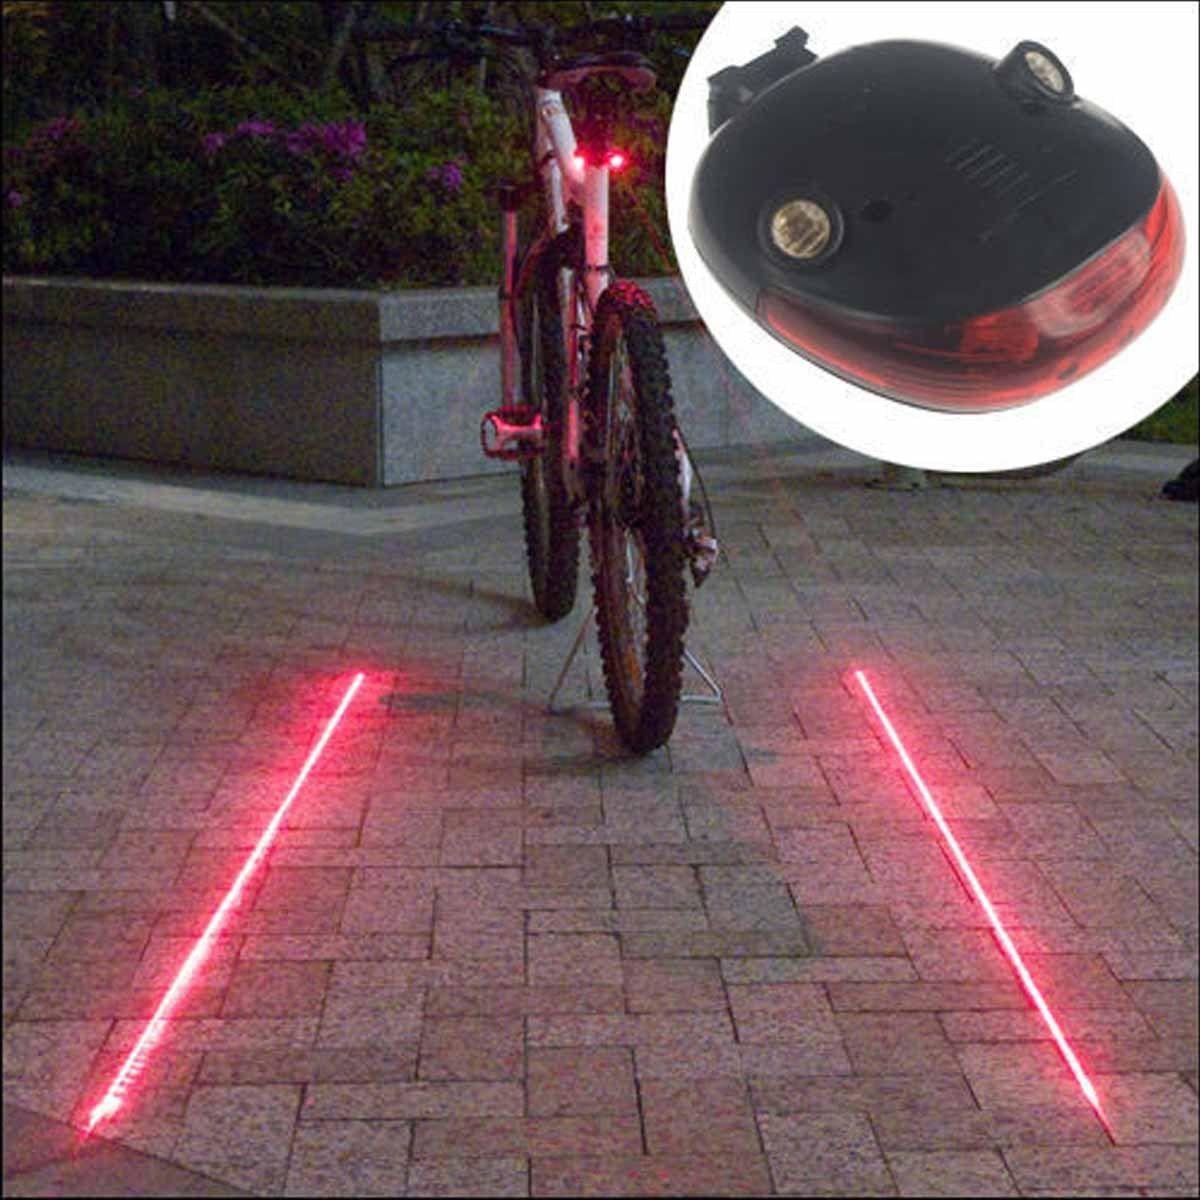 5 LED 2 Laser Bike Bicycle Light Rear Tail Flashing Safety Warning Lamp Night